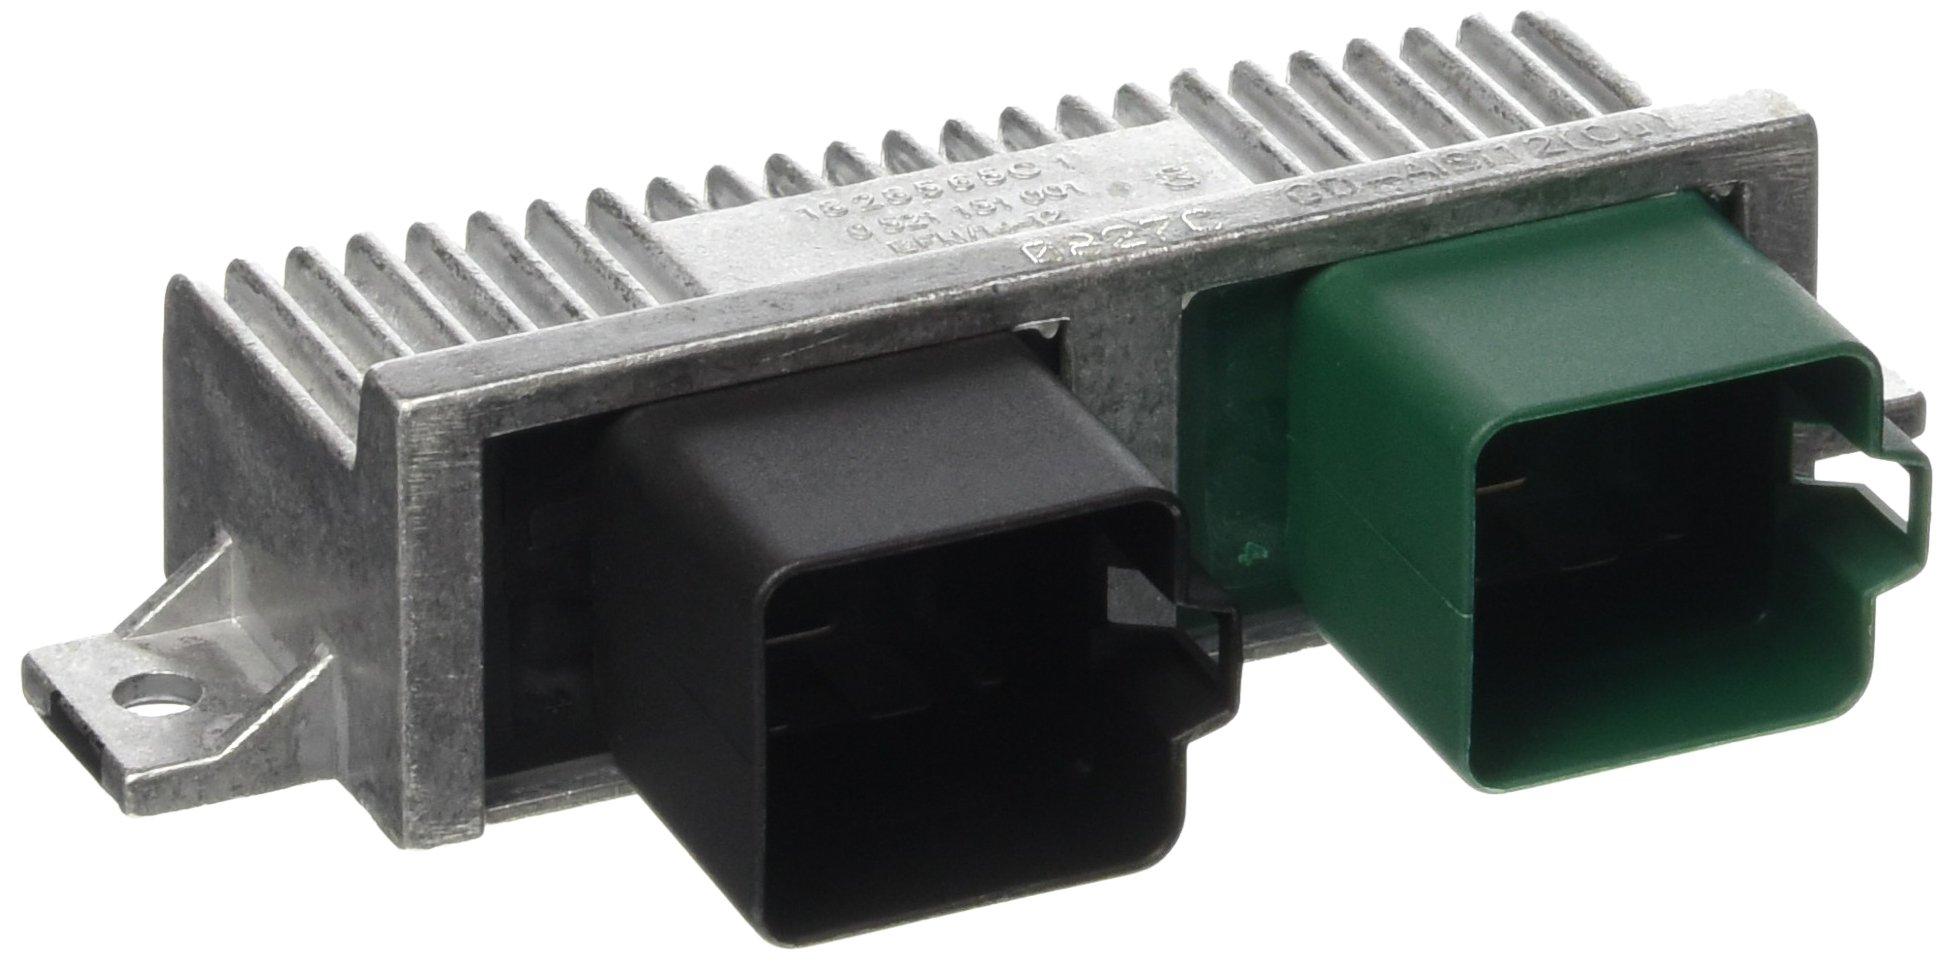 Motorcraft DY876 Glow Plug Switch by Motorcraft